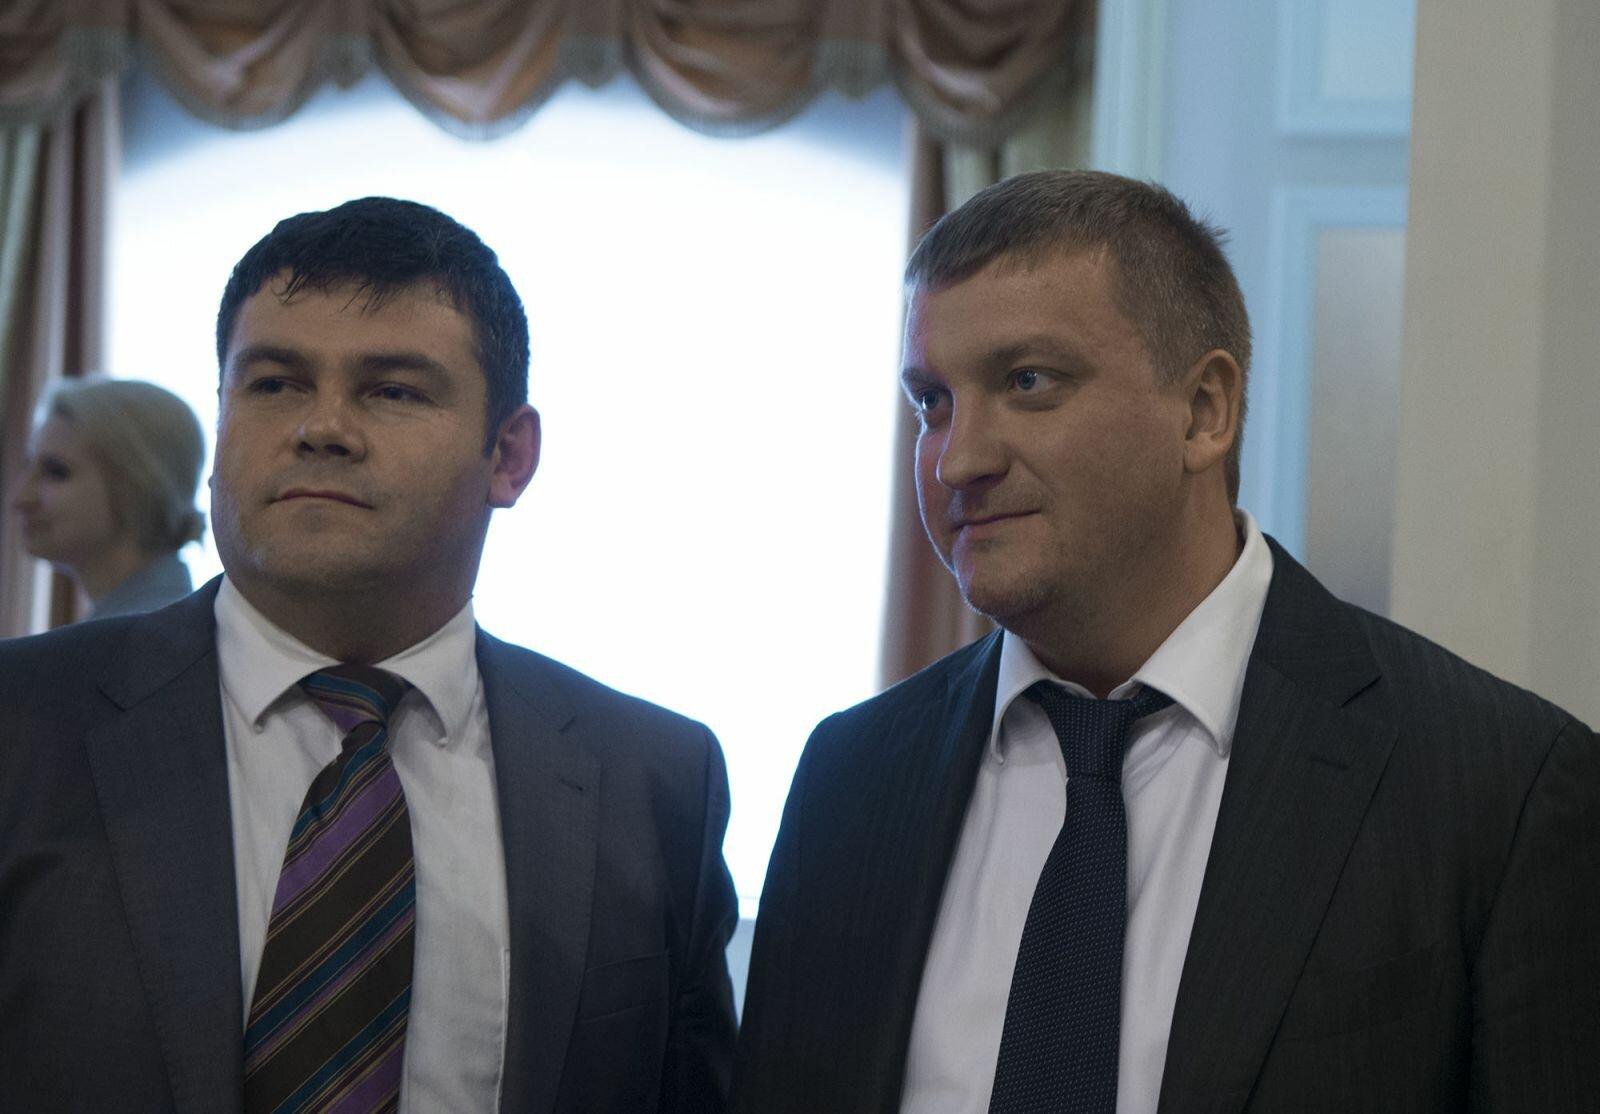 Держава на самому високому рівні гарантує виконання своїх обов'язків щодо захисту прав людини, - Павло Петренко